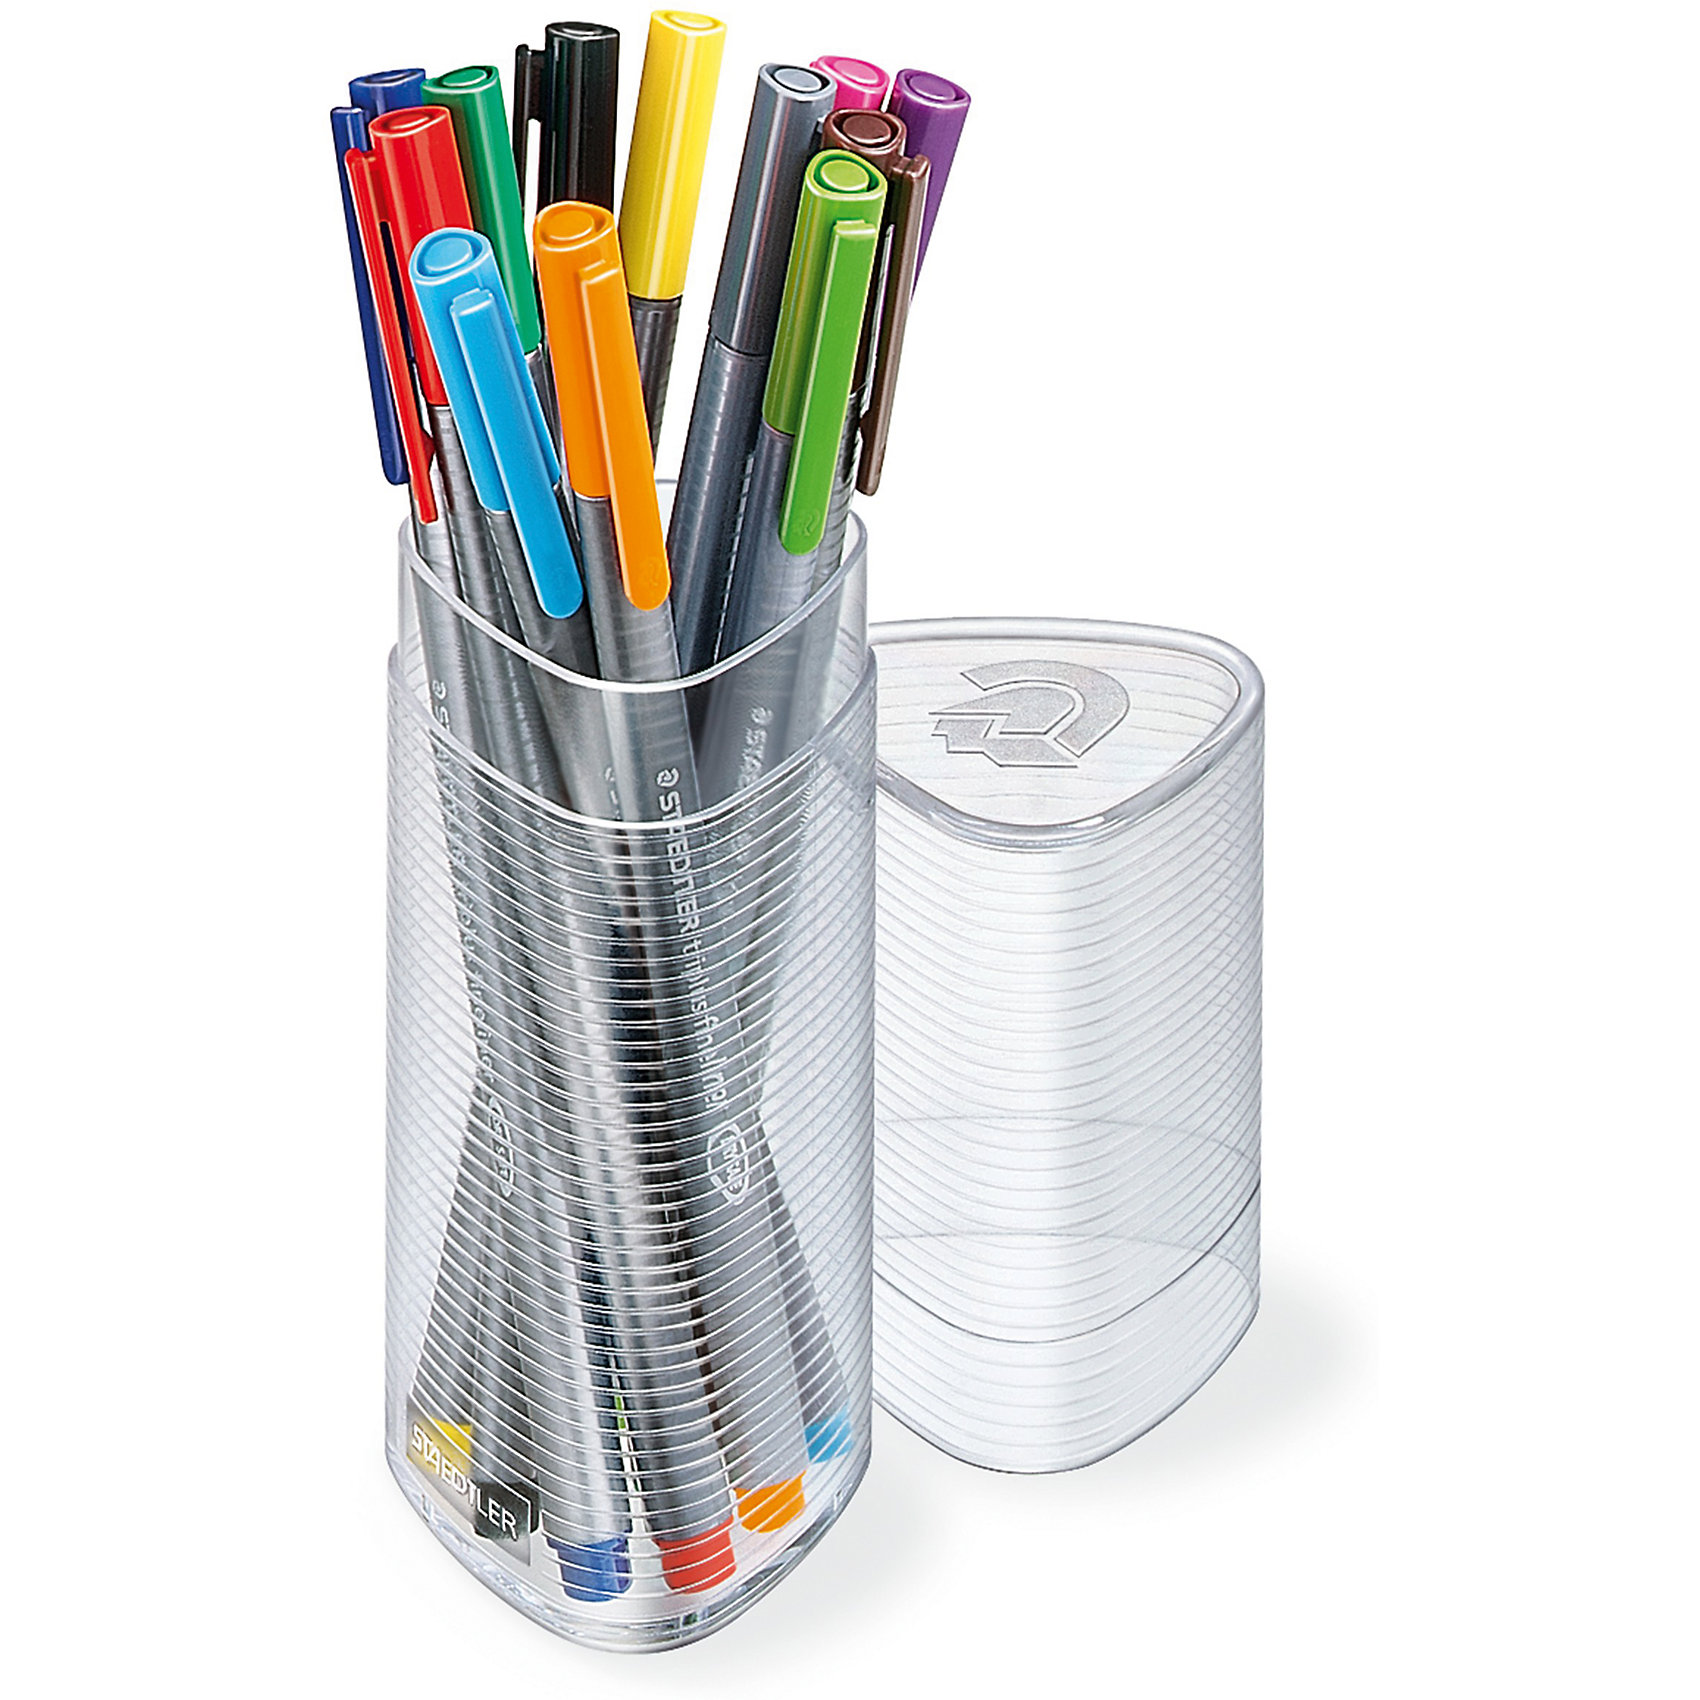 Набор капиллярных ручек Triplus, 12 цветов, в треугольном пенале, StaedtlerПисьменные принадлежности<br>Набор капиллярных ручек Triplus, 12 цветов, в треугольном пенале, Staedtler (Штедлер).<br><br>Характеристики:<br><br>• Для детей в возрасте: от 5 лет<br>• В наборе: 12 разноцветных ручек<br>• Яркие цвета<br>• Цвет чернил соответствует цвету колпачка и заглушки<br>• Чернила на водной основе<br>• Отстирывается с большинства тканей<br>• Материал корпуса: полипропилен<br>• Толщина линии: 0,3 мм.<br>• Упаковка: треугольный пластиковый пенал<br>• Размер упаковки: 163х54х54 мм.<br>• Вес: 160 гр.<br><br>Набор трехгранных капиллярных ручек Triplus ® fineliner в треугольном пластиковом пенале идеально подходит как для письма и работы с документами, так и для творчества. Эргономичная форма обеспечивает комфортное письмо без усилий и усталости. Супертонкий и особо прочный металлический наконечник гарантирует мягкое и плавное письмо. Уникальная система позволяет оставлять ручку без колпачка на несколько дней без угрозы высыхания (тест ISO). Корпус из полипропилена и большой запас чернил гарантирует долгий срок службы.<br><br>Набор капиллярных ручек Triplus, 12 цветов, в треугольном пенале, Staedtler (Штедлер) можно купить в нашем интернет-магазине.<br><br>Ширина мм: 55<br>Глубина мм: 53<br>Высота мм: 169<br>Вес г: 165<br>Возраст от месяцев: 60<br>Возраст до месяцев: 2147483647<br>Пол: Унисекс<br>Возраст: Детский<br>SKU: 5529996